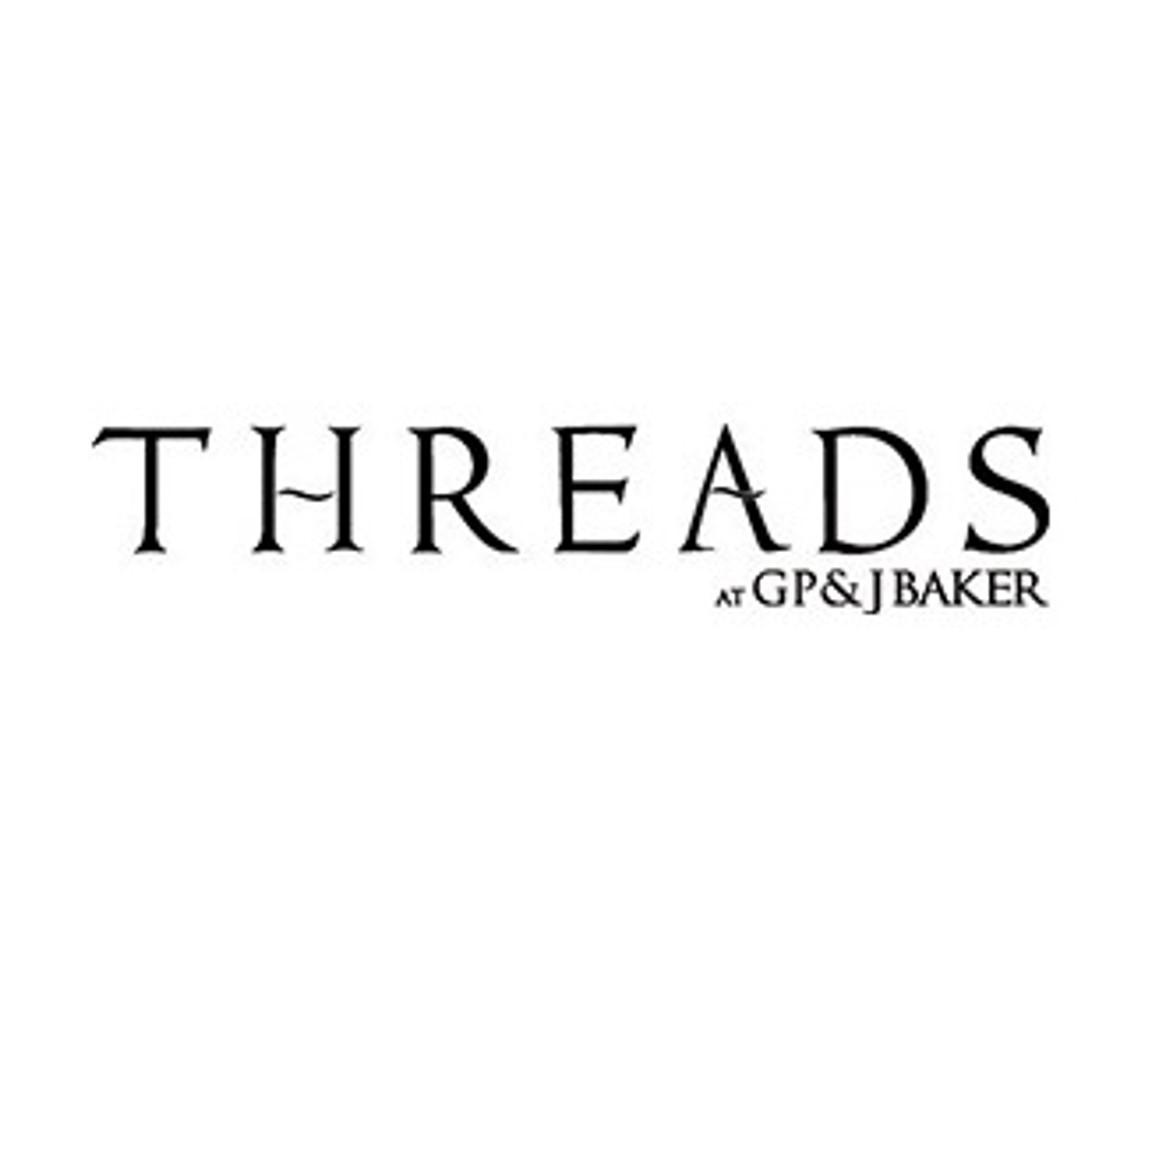 https://anafexmainteriorismo.com/wp-content/uploads/2018/07/logo-threads.jpg